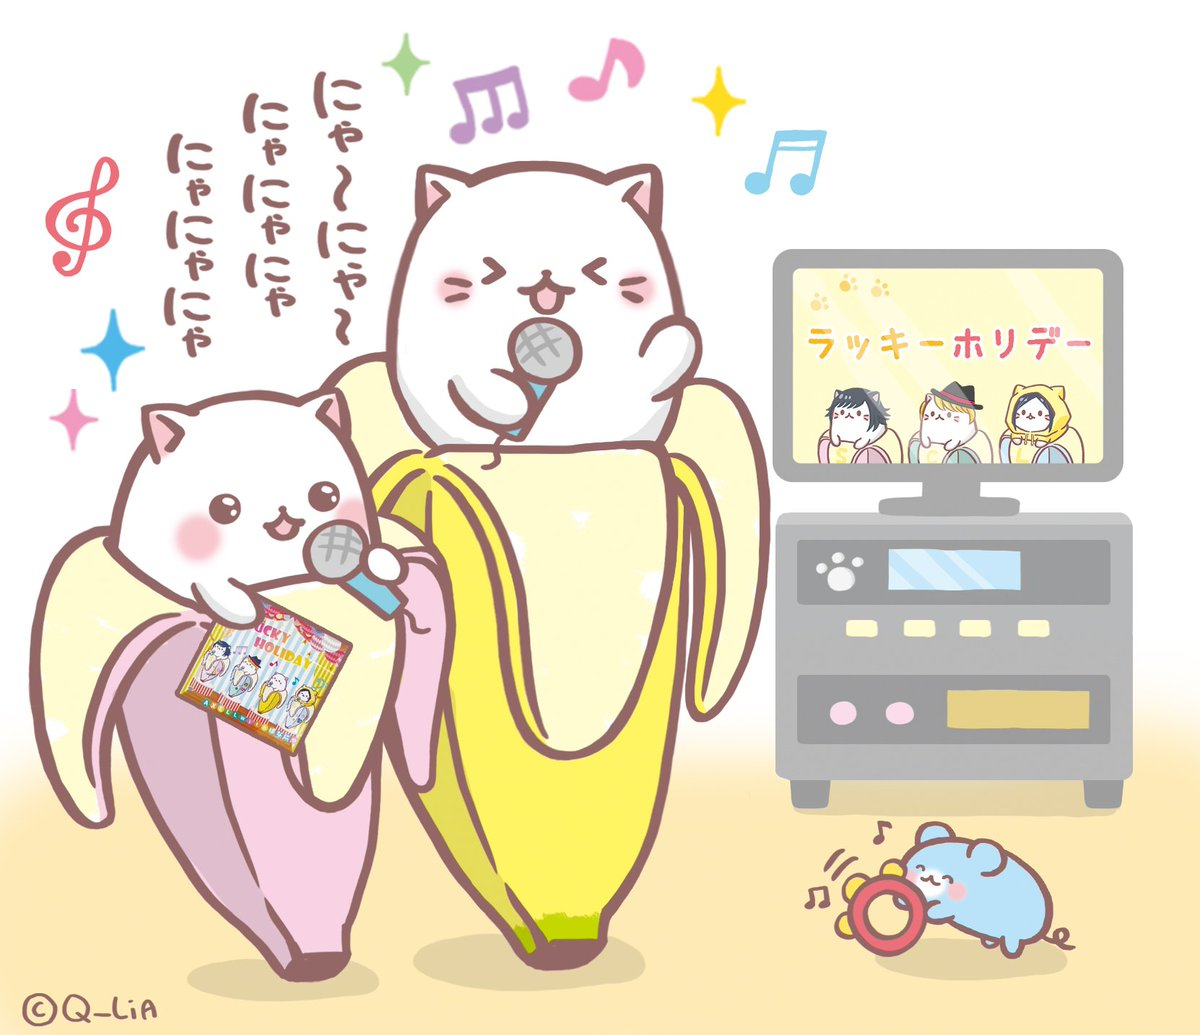 TVアニメばなにゃのテーマ曲「ラッキーホリデーAXELL with ばなにゃ」の CD好評発売中~! カラオケでも歌える